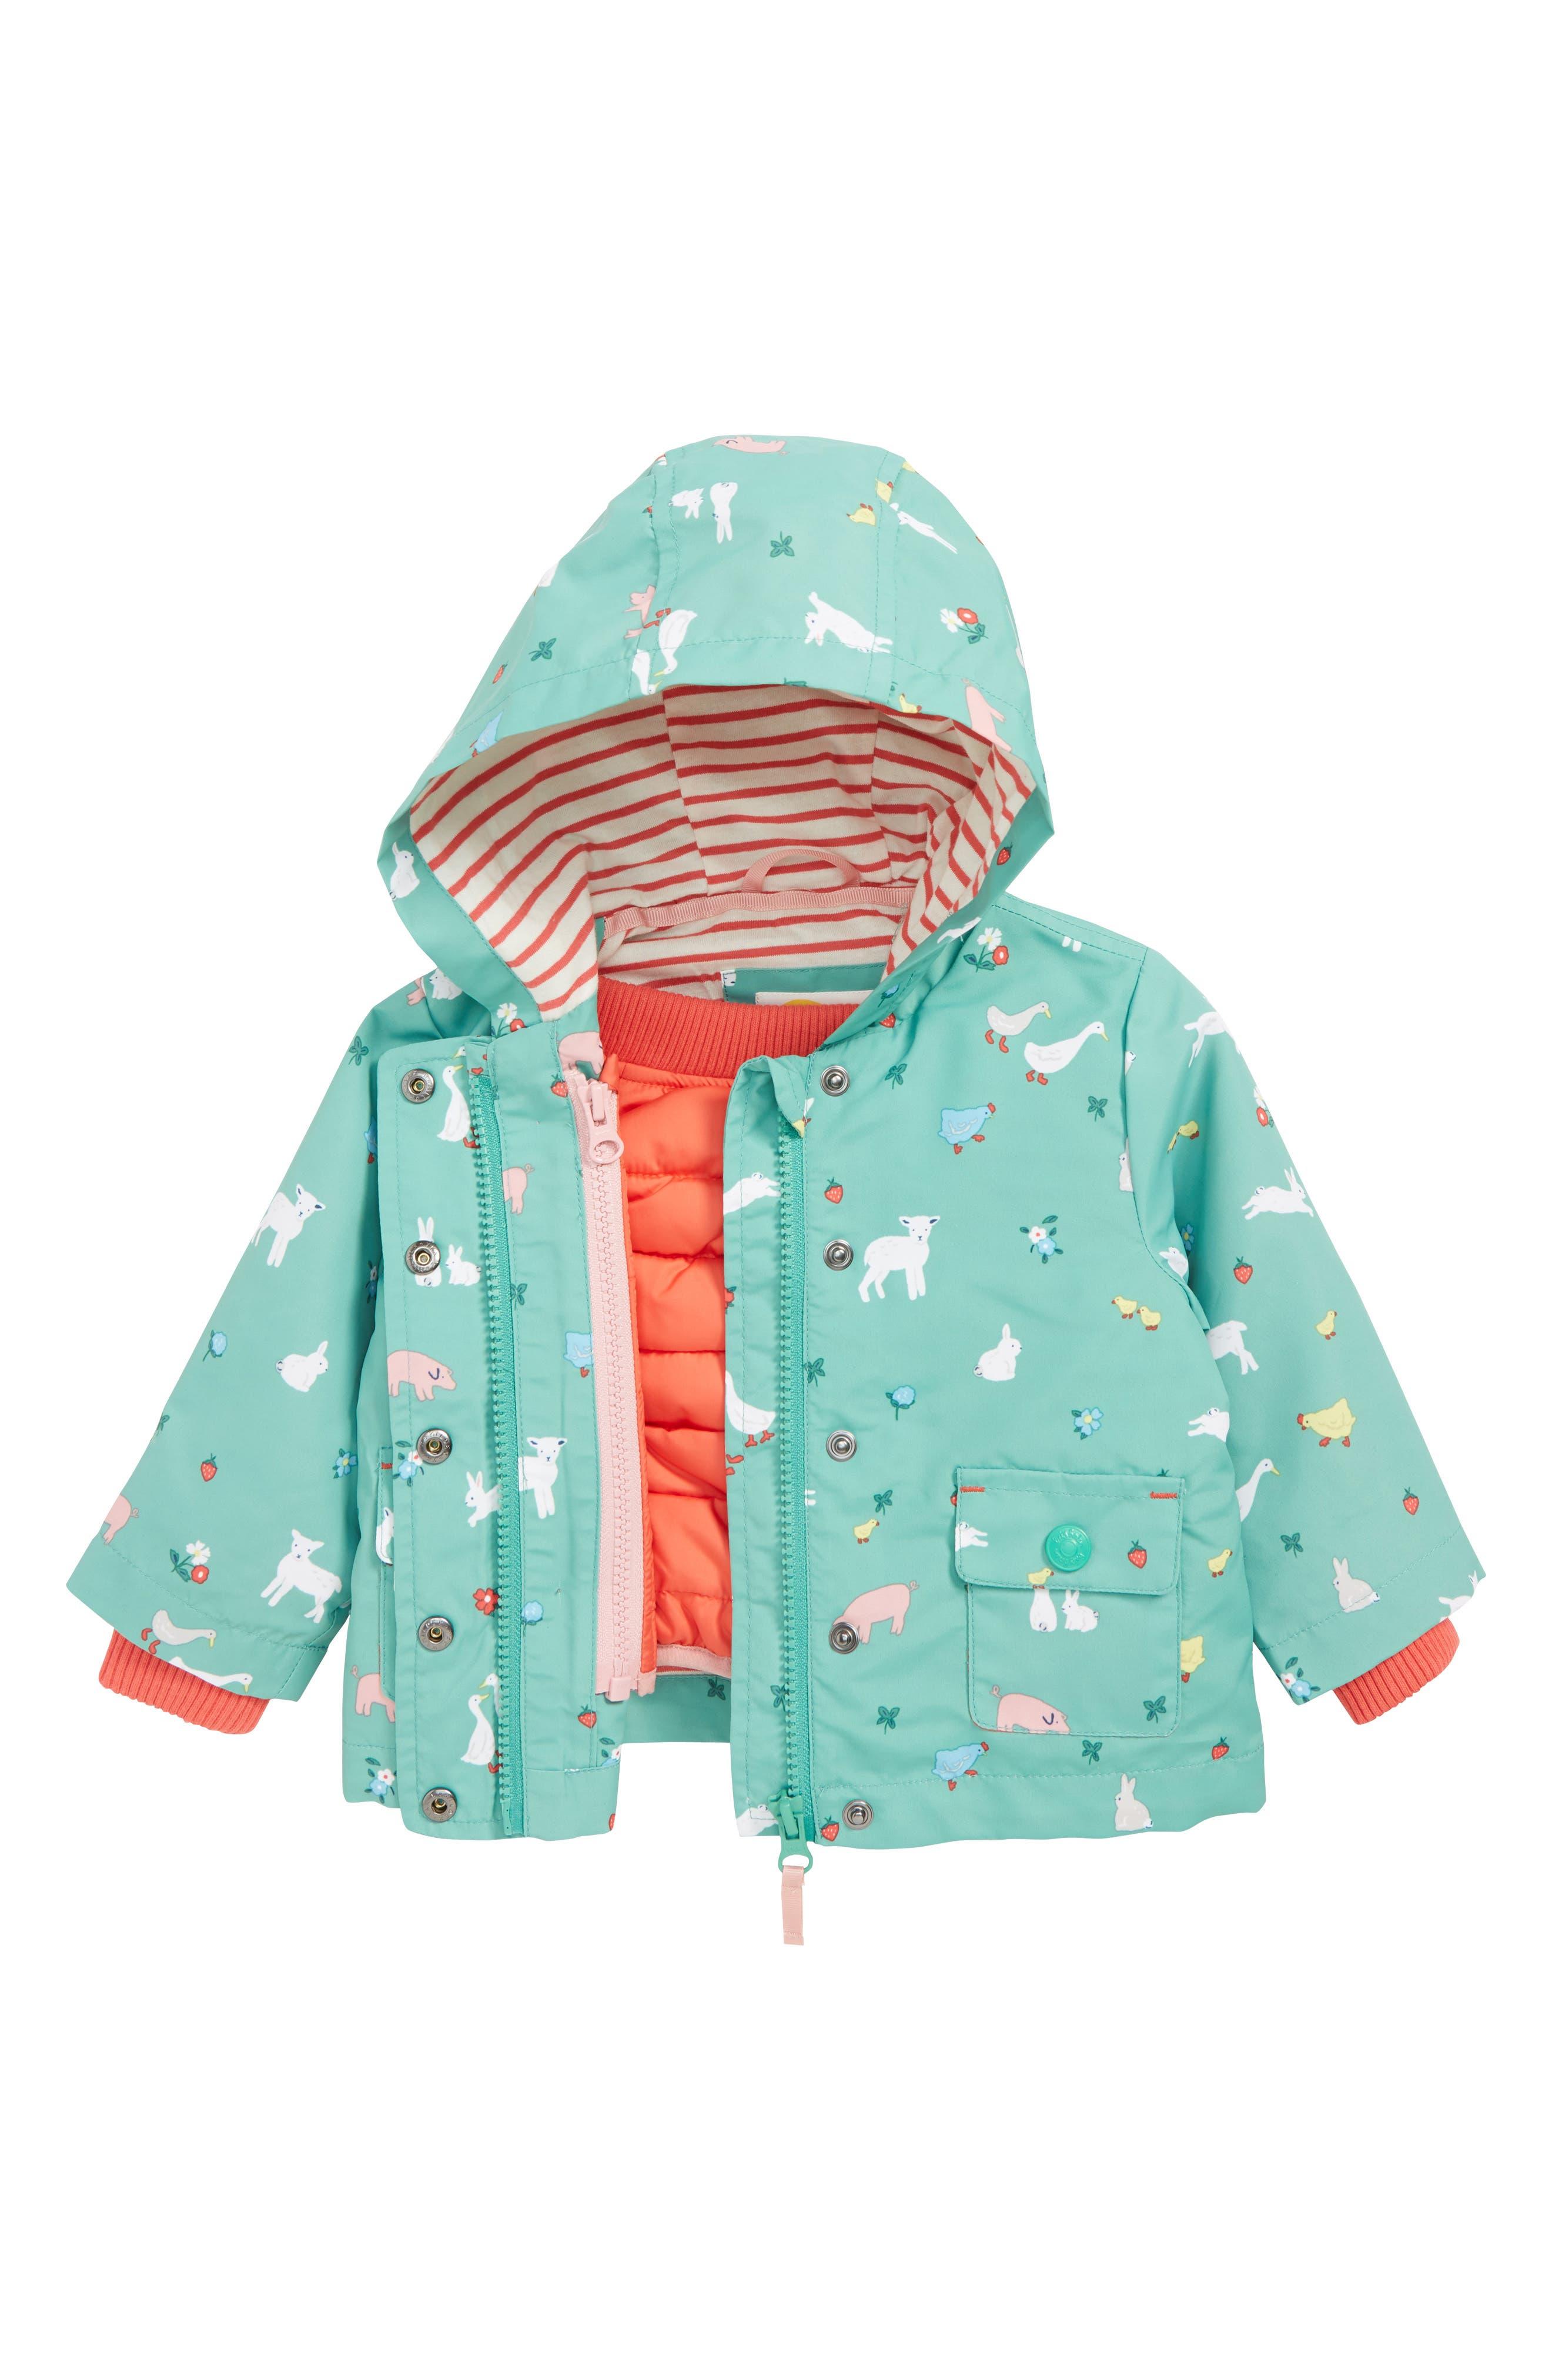 98c8d3186f63 Mini Boden Kids  Coats   Jackets